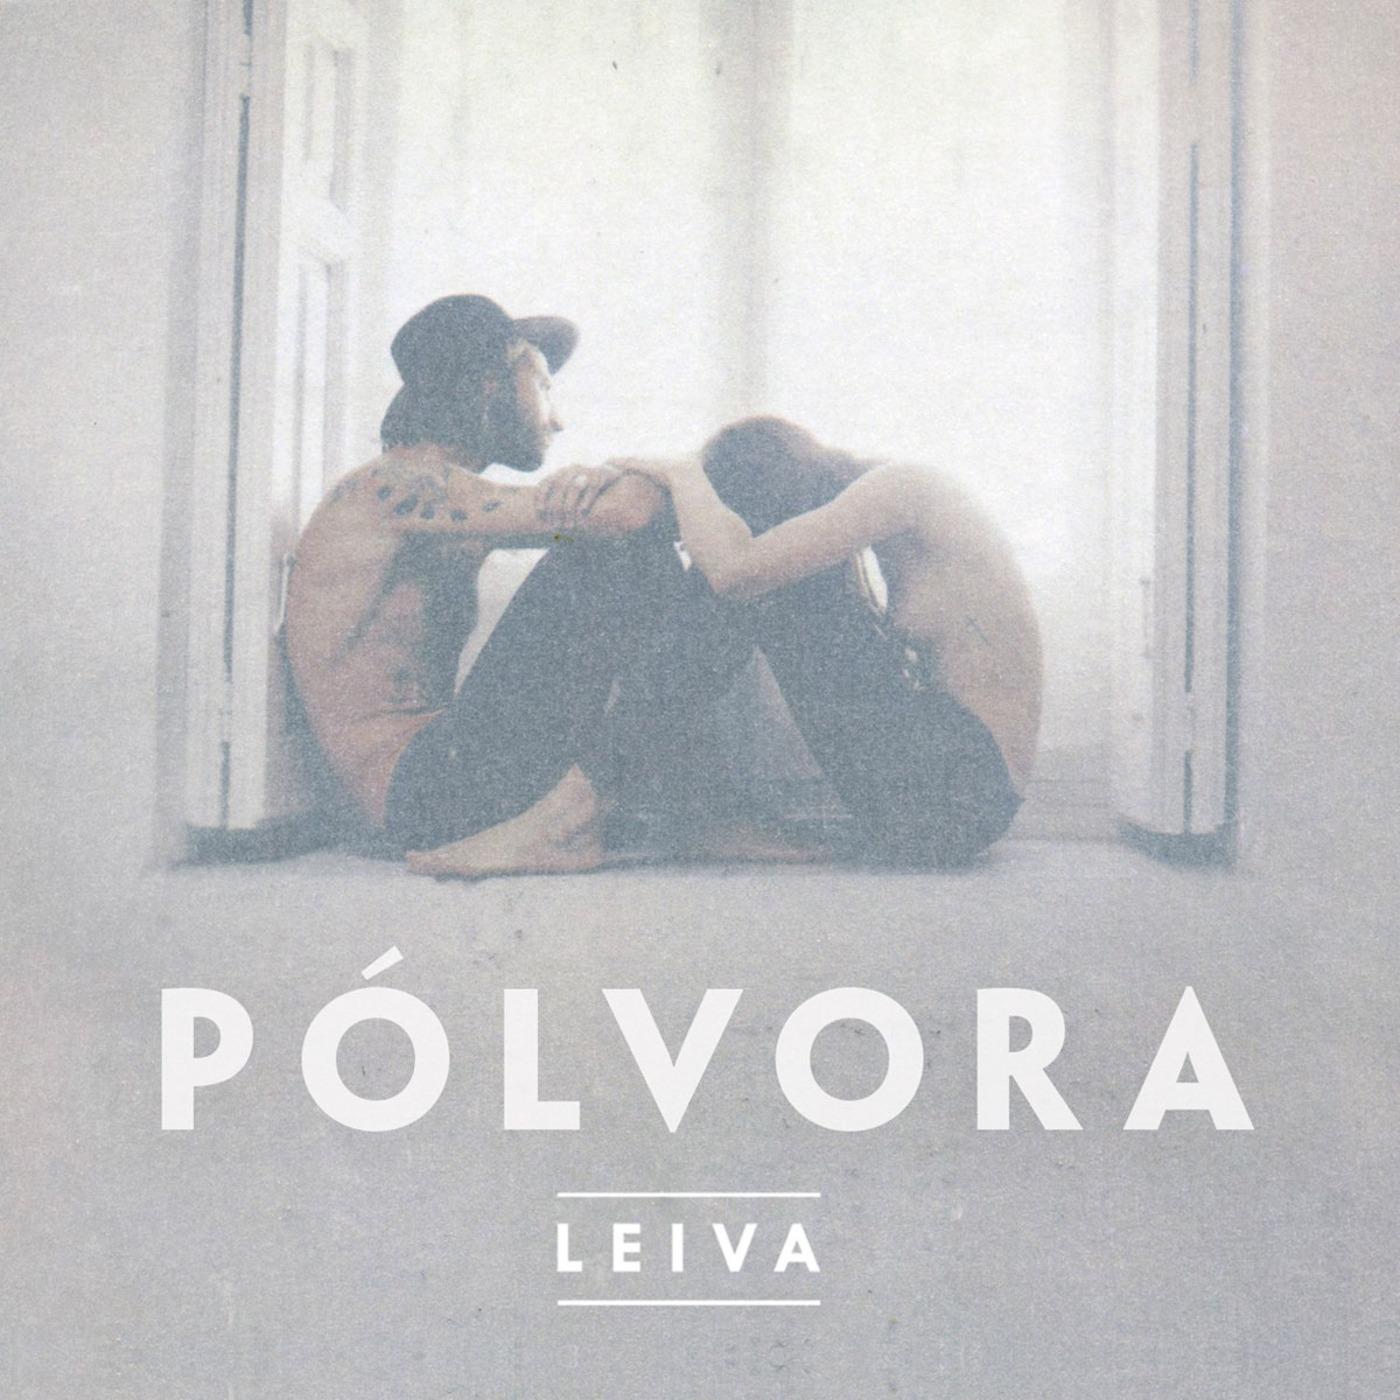 Podcast de Leiva